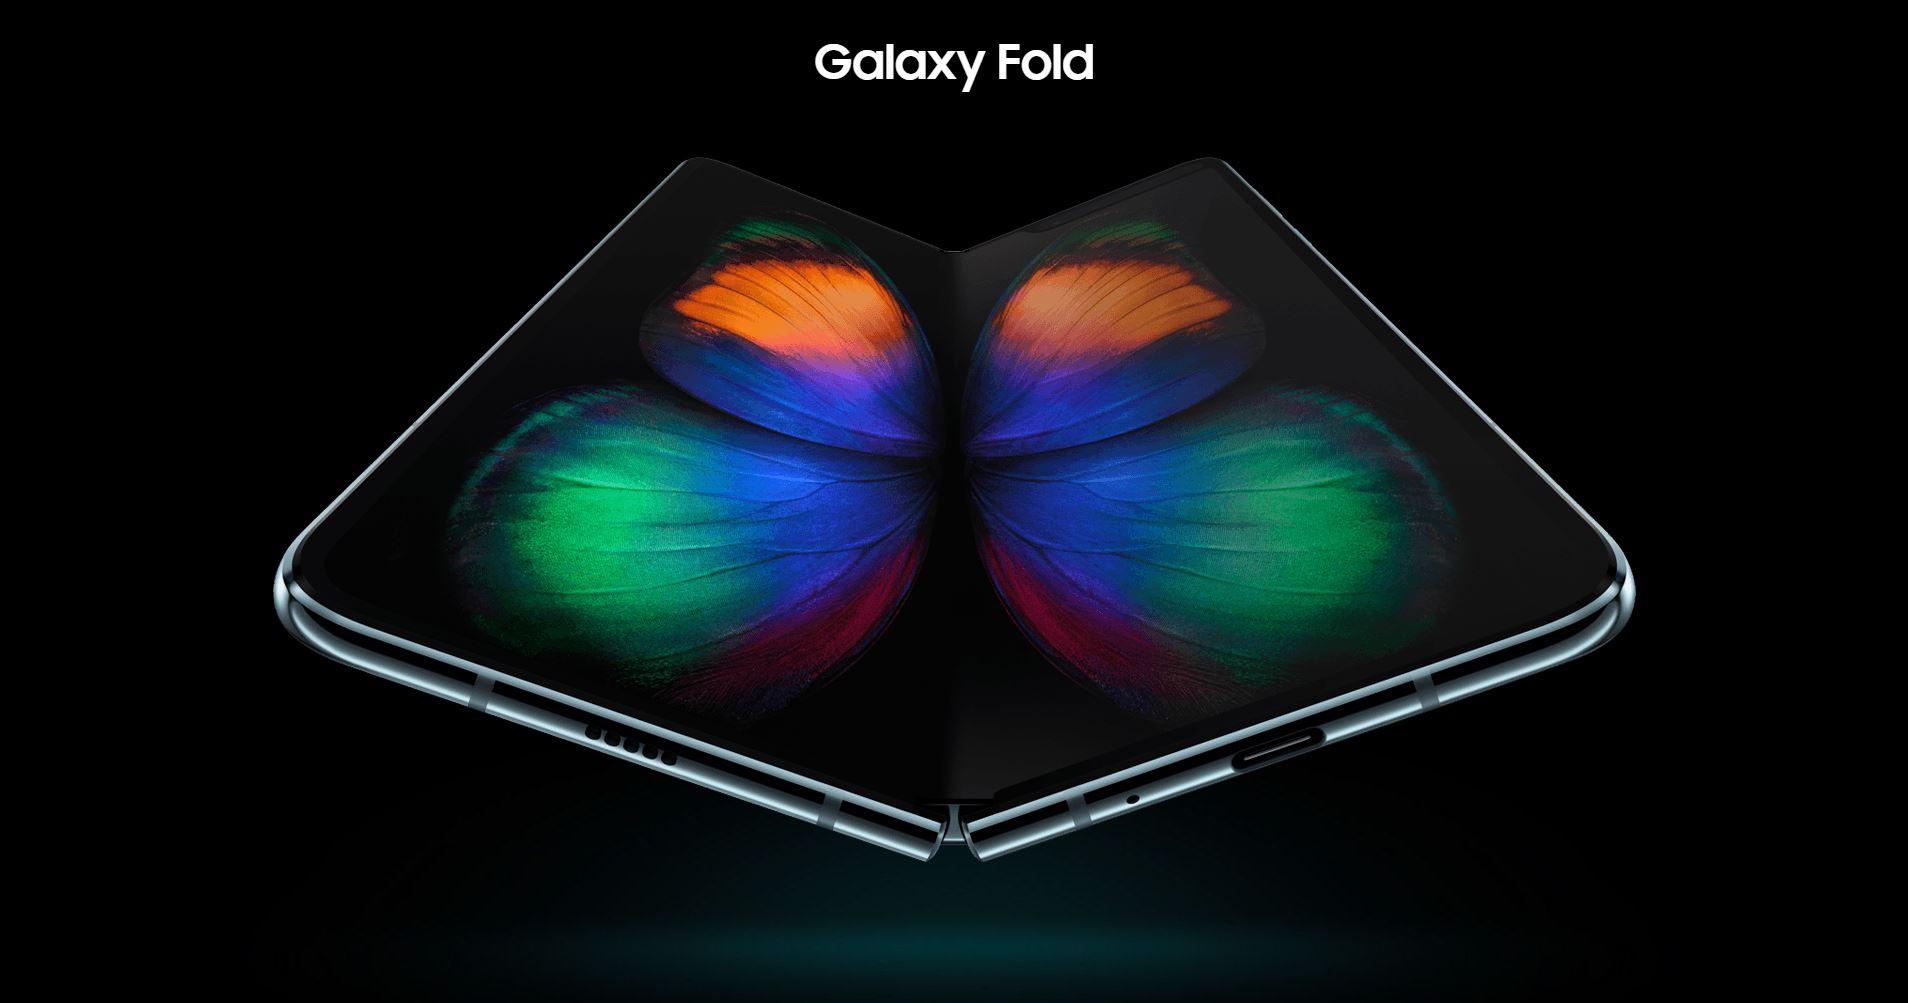 Photo du galaxy fold se repliant sur lui même